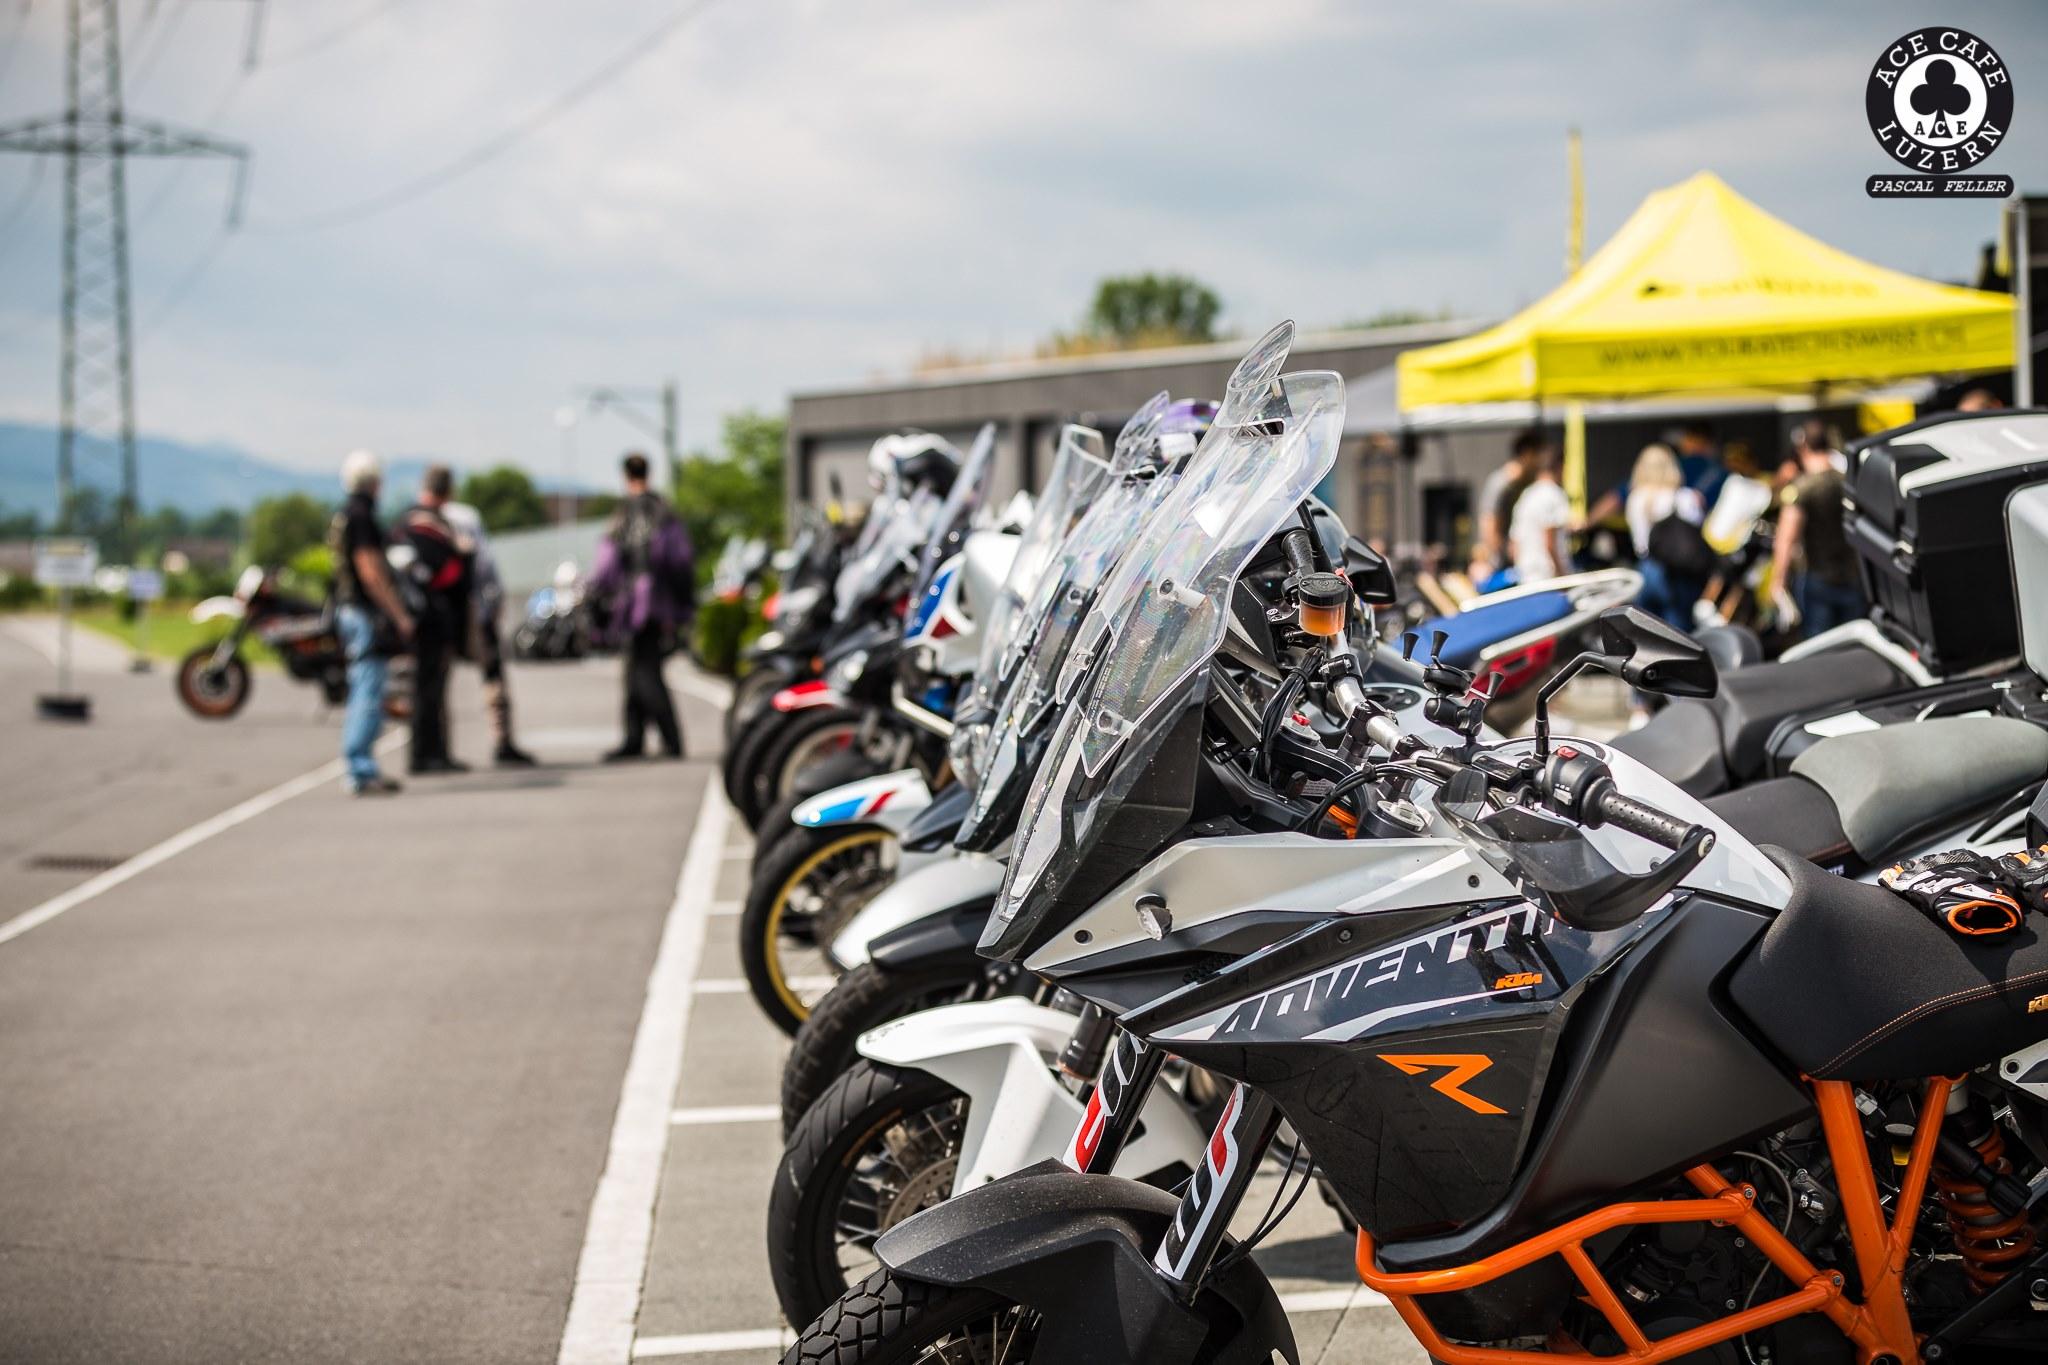 TOURING & ENDURO MOTORRAD-MEET